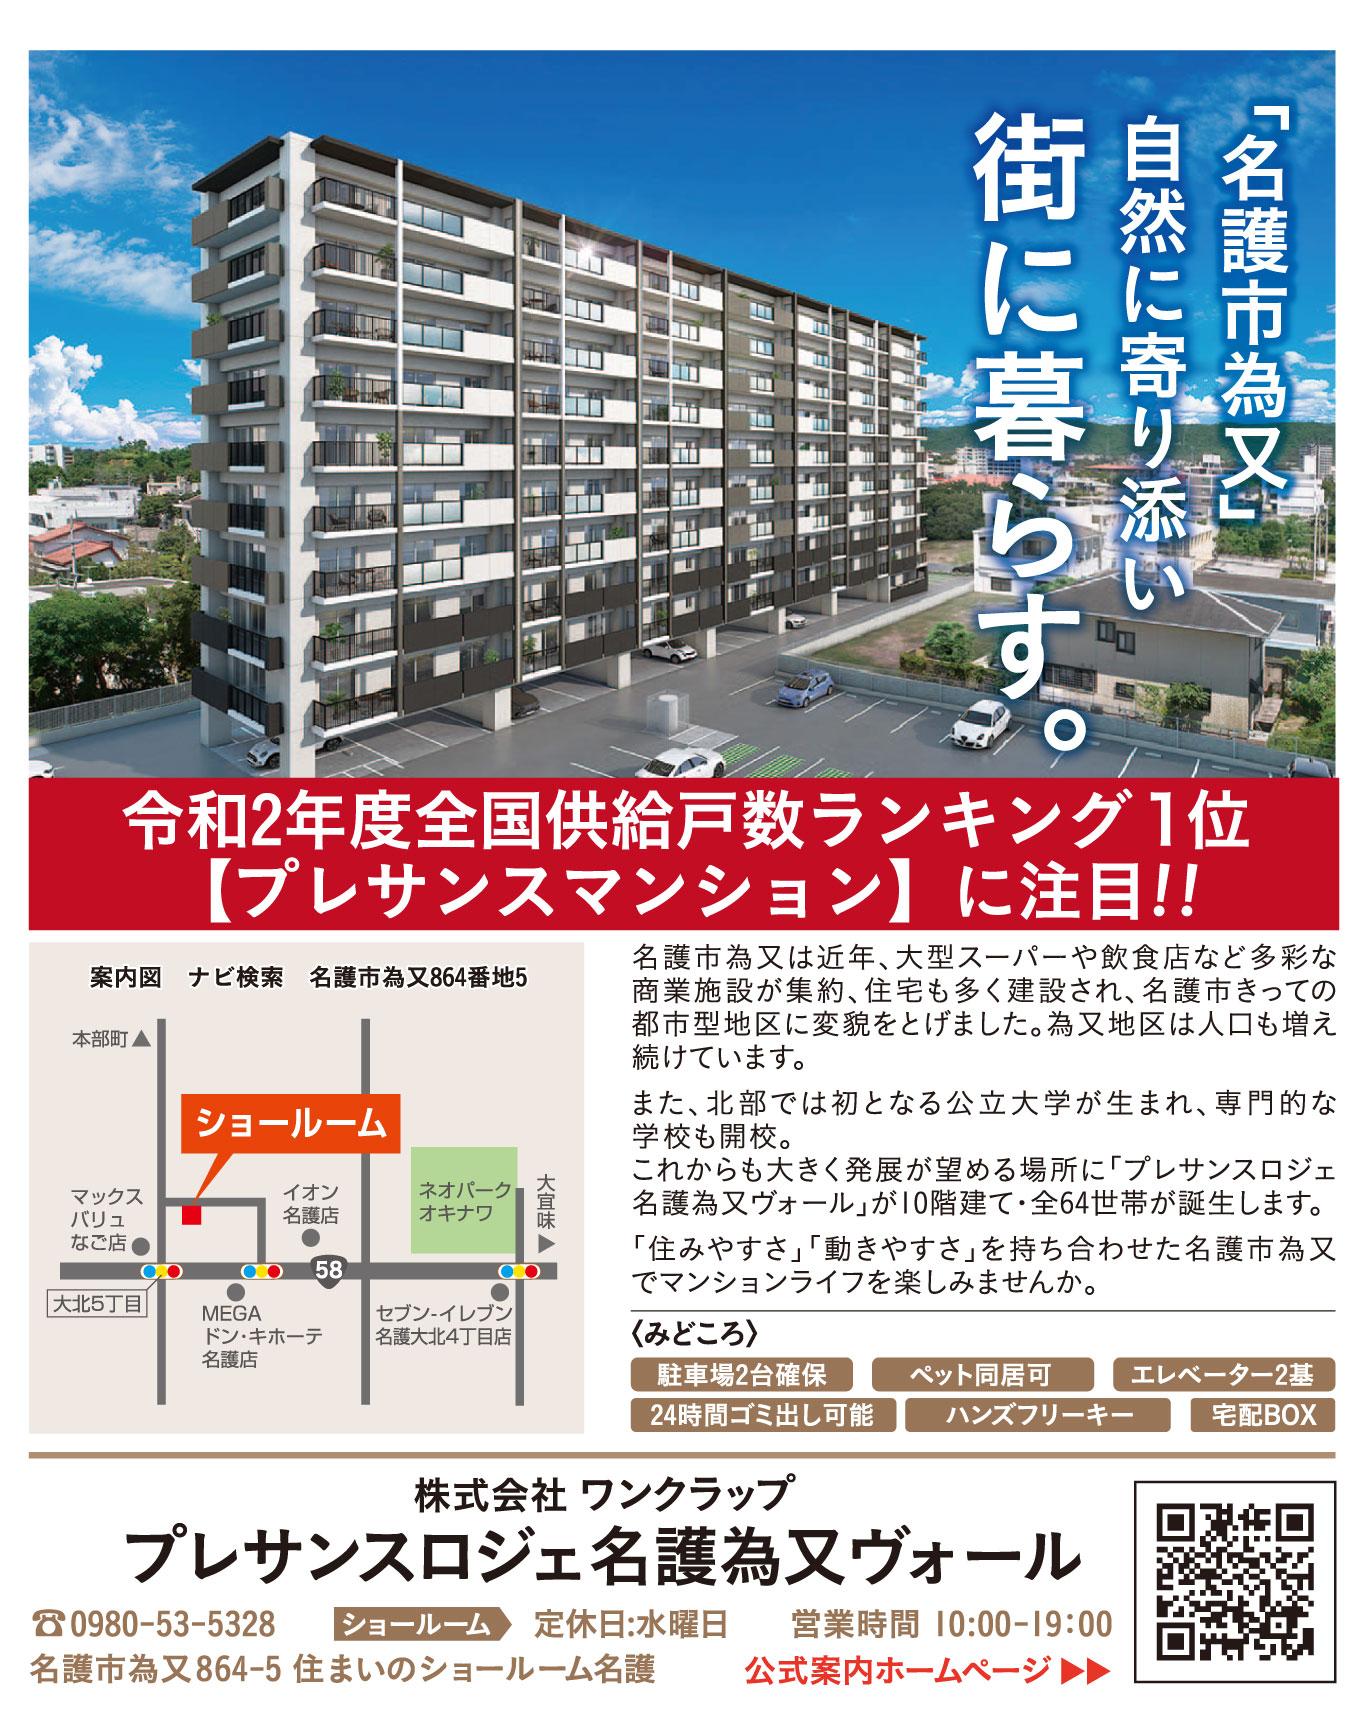 令和2年度全国供給戸数ランキング1位【プレサンスマンション】に注目!!